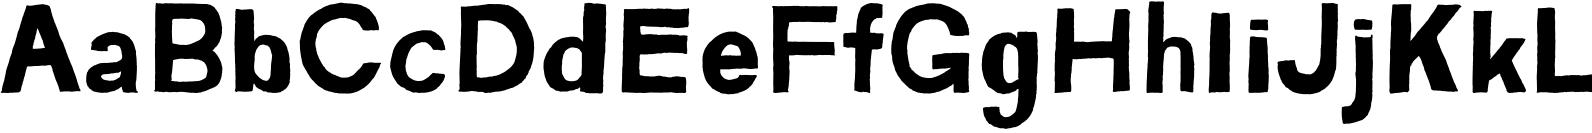 YWFT HLLVTKA